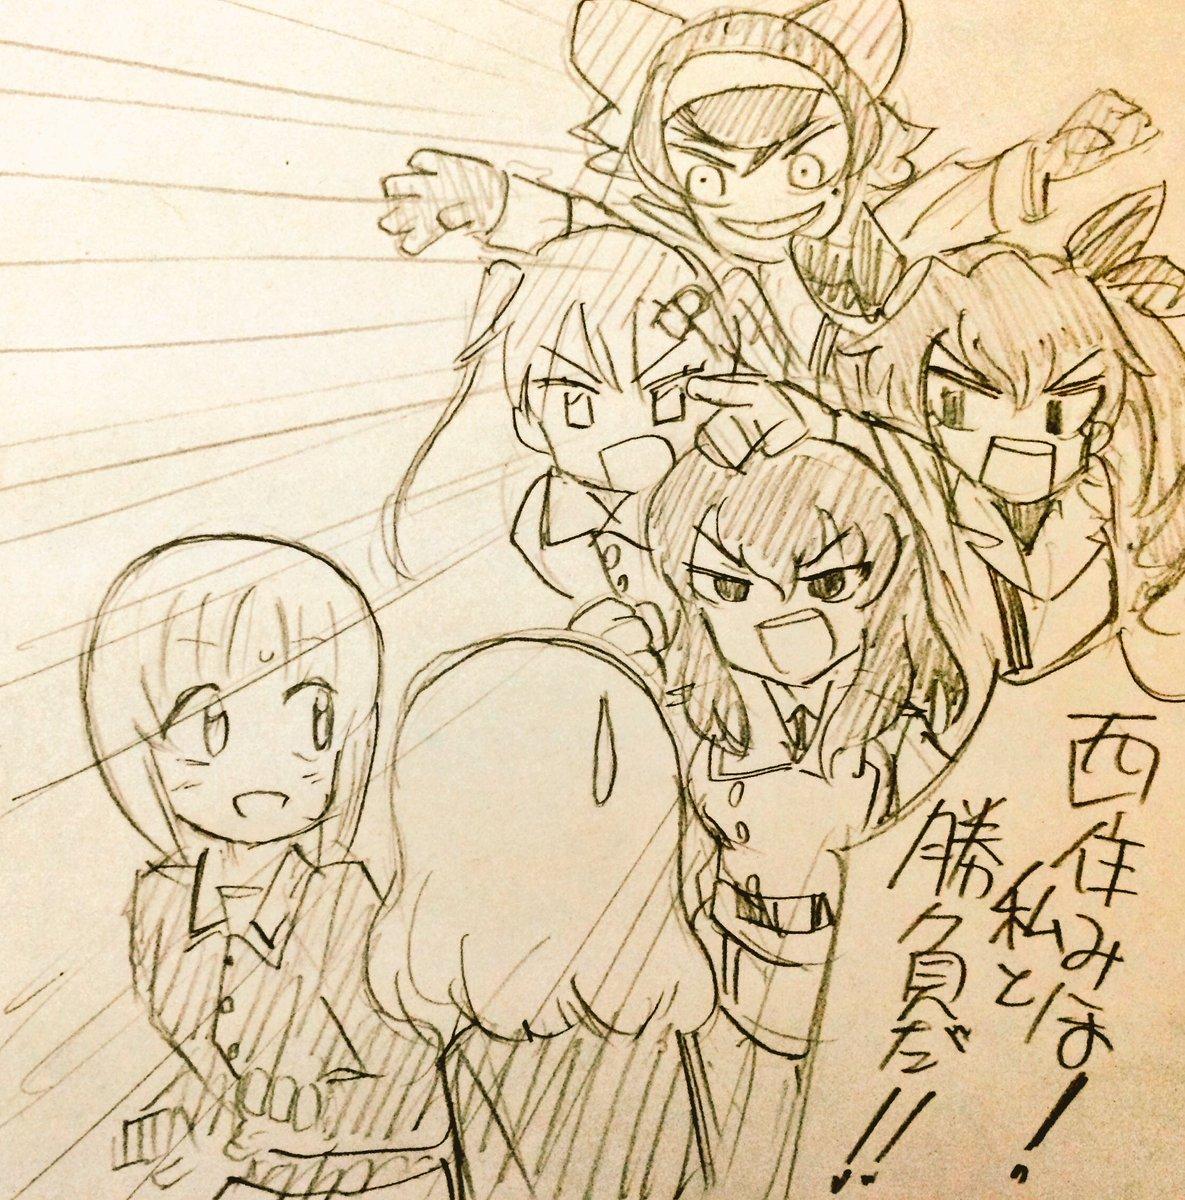 GIRLS und PANZER/ガールズ&パンツァー漫画5輌目 [無断転載禁止]©2ch.net->画像>108枚